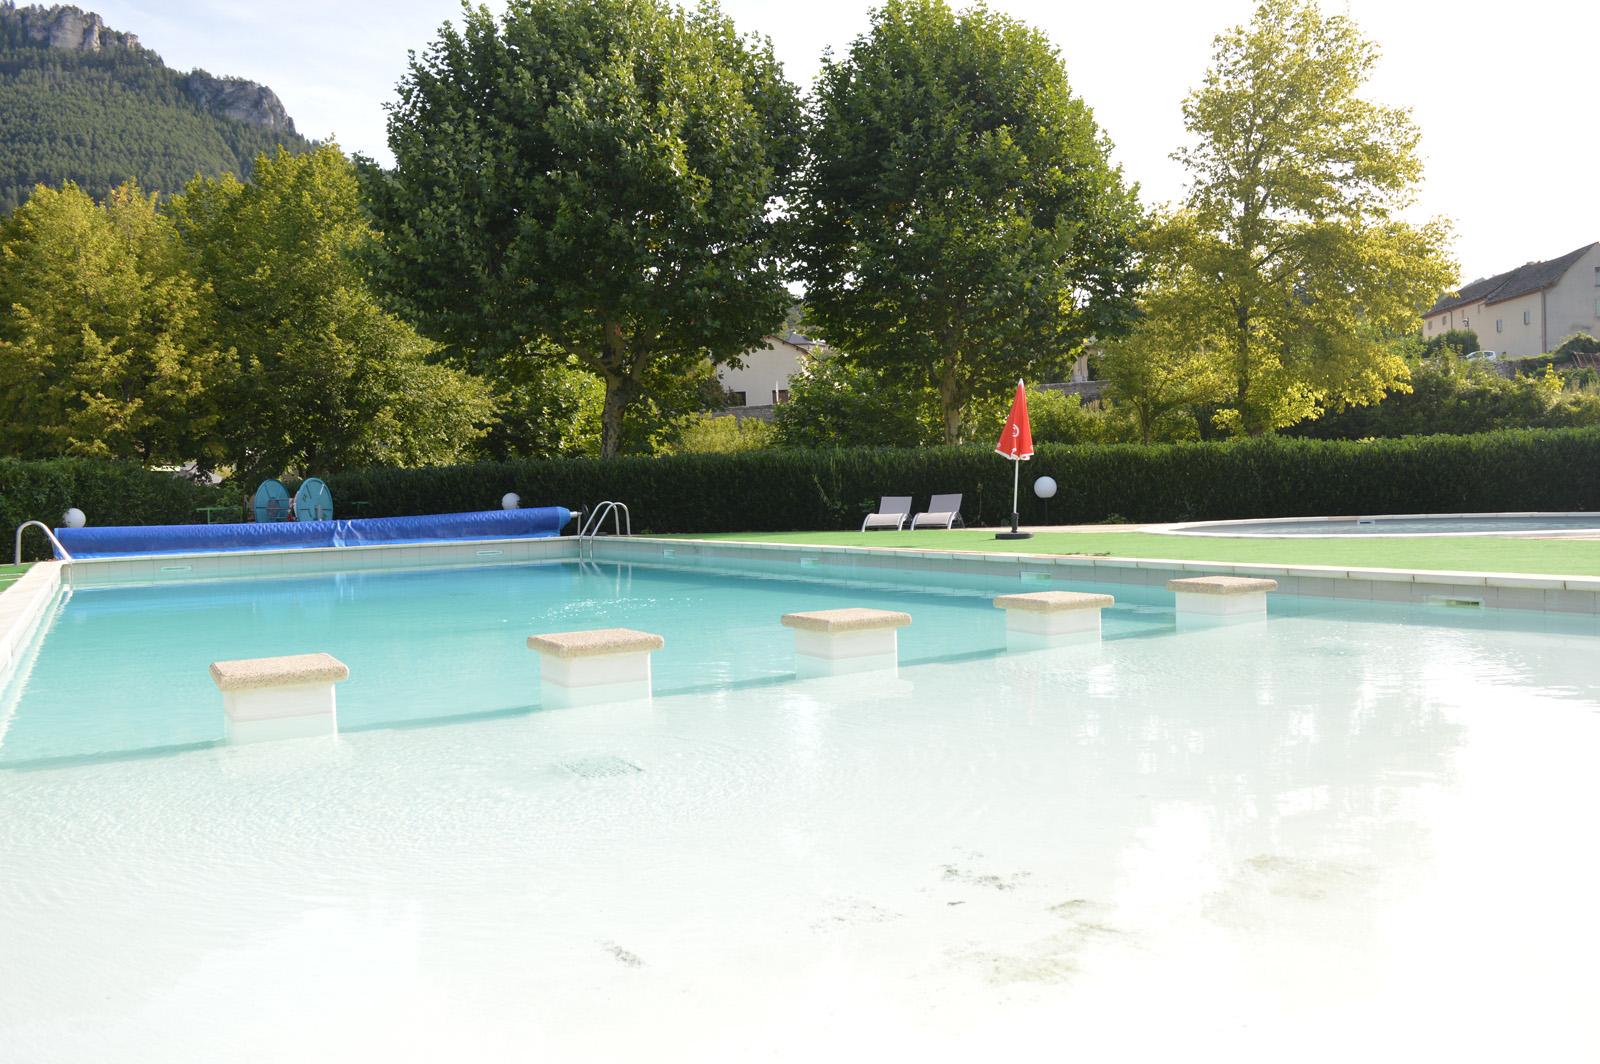 Profitez de notre piscine chauffée et en pleine nature